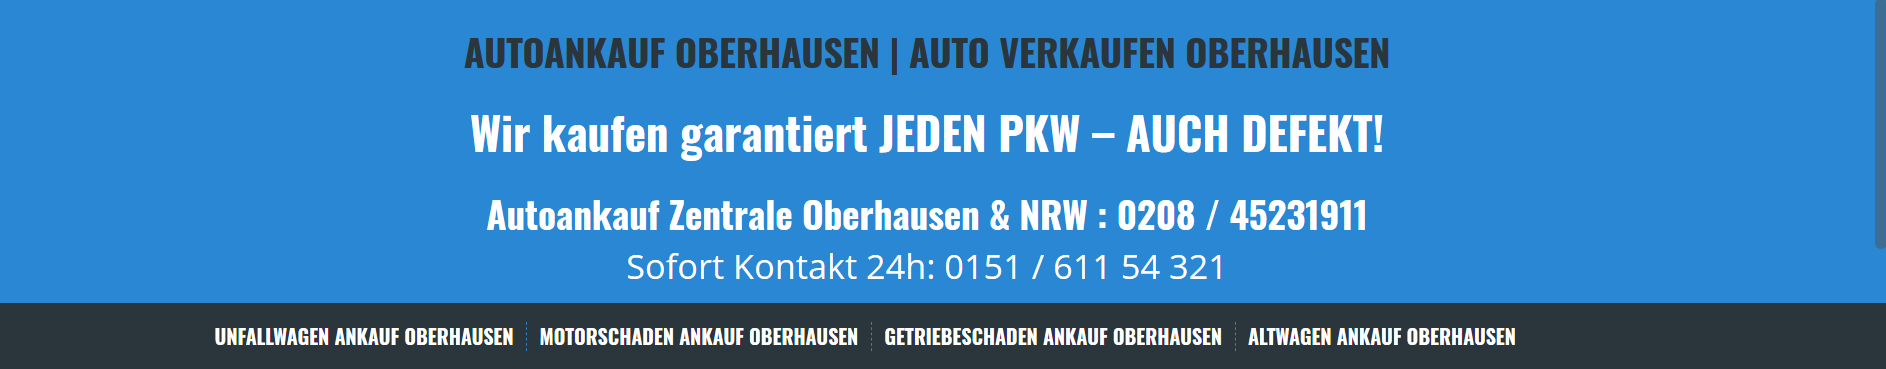 Autoankauf Oberhausen – Garantierter Ankauf Ihres Fahrzeuges druch Autoankauf Oberhausen